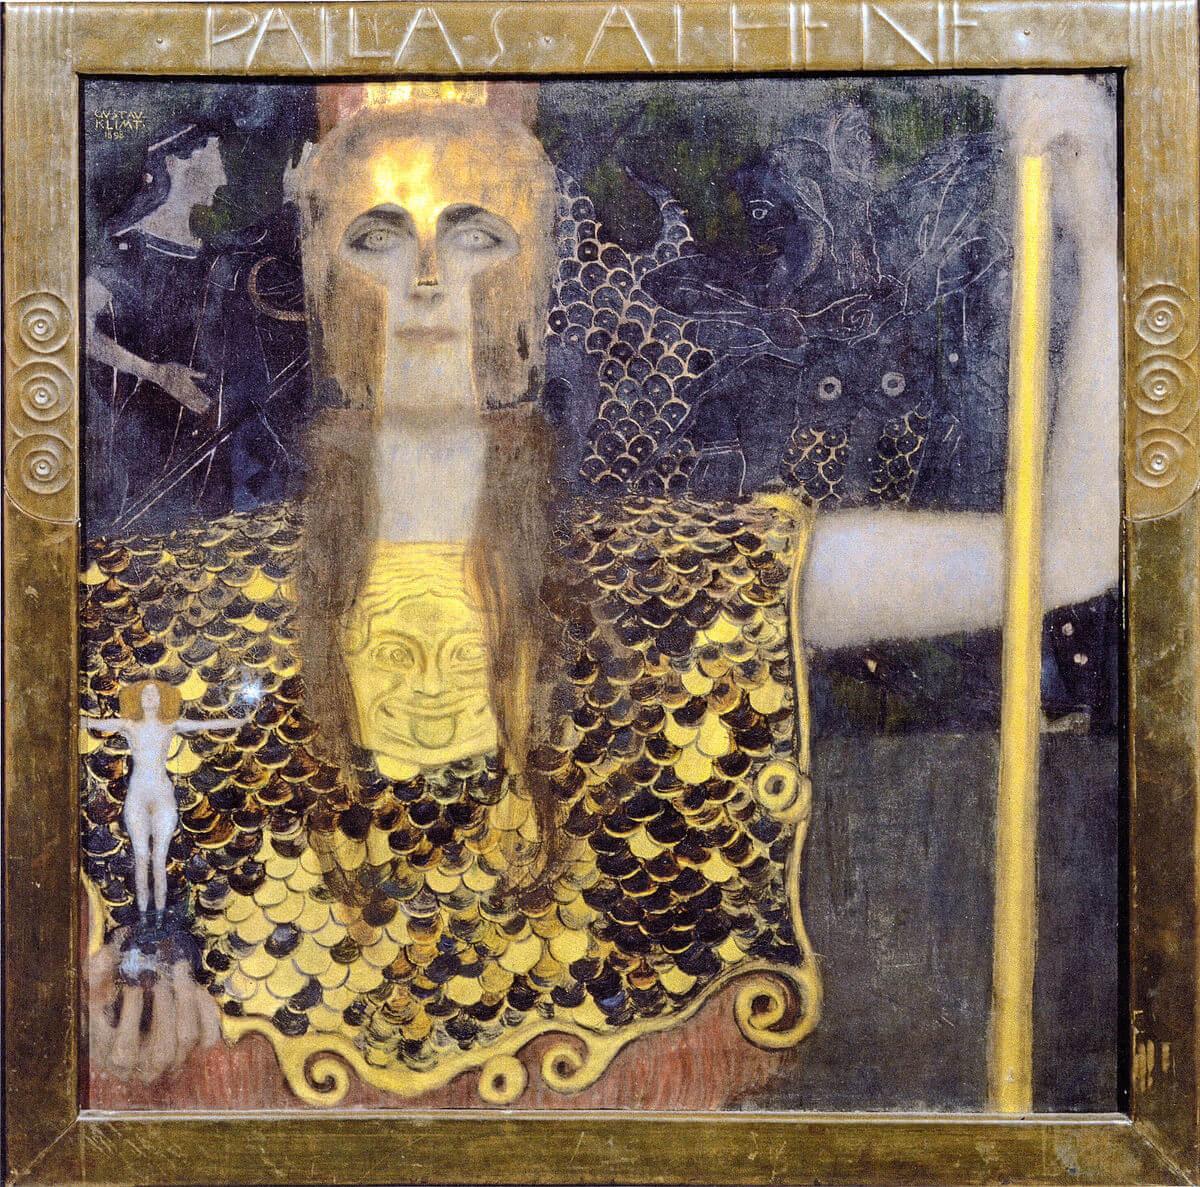 1200px-Klimt_-_Pallas_Athene